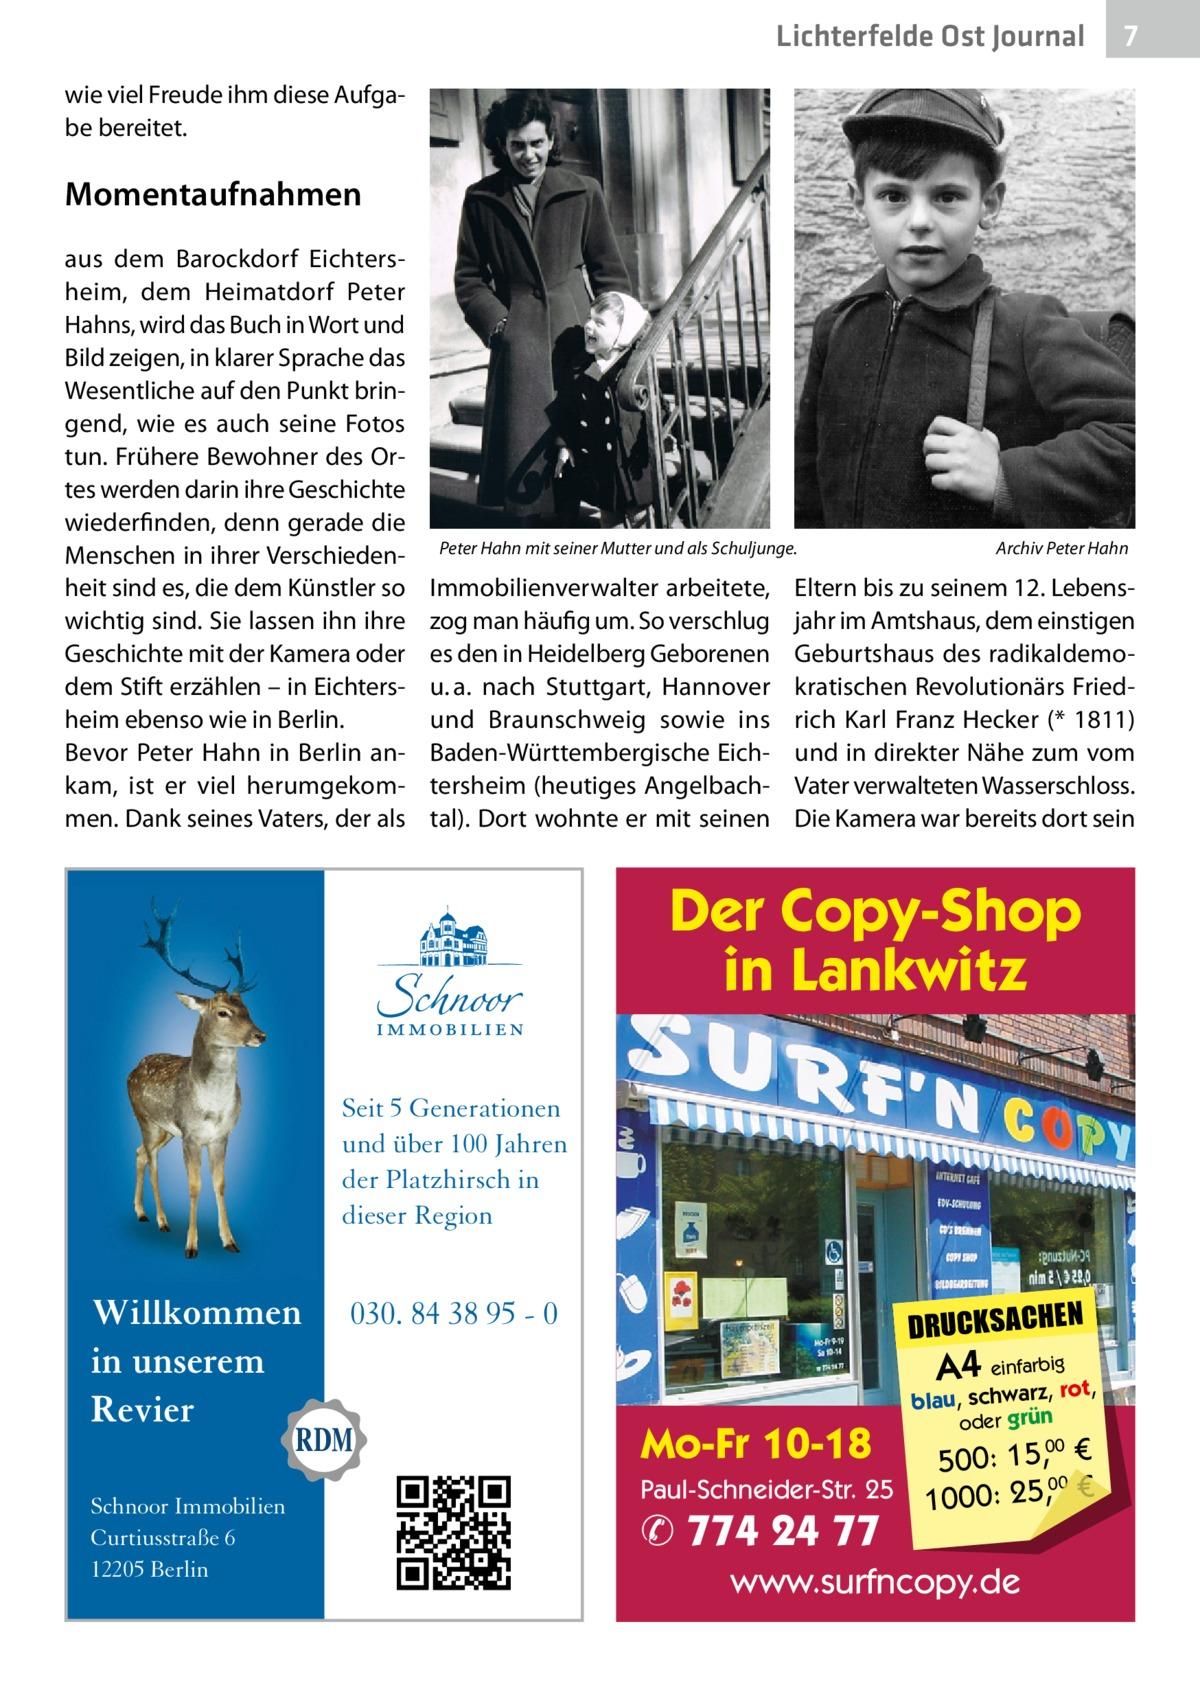 Lichterfelde Ost Journal  7 7  wie viel Freude ihm diese Aufgabe bereitet.  Momentaufnahmen aus dem Barockdorf Eichtersheim, dem Heimatdorf Peter Hahns, wird das Buch in Wort und Bild zeigen, in klarer Sprache das Wesentliche auf den Punkt bringend, wie es auch seine Fotos tun. Frühere Bewohner des Ortes werden darin ihre Geschichte wiederfinden, denn gerade die Menschen in ihrer Verschiedenheit sind es, die dem Künstler so wichtig sind. Sie lassen ihn ihre Geschichte mit der Kamera oder dem Stift erzählen – in Eichtersheim ebenso wie in Berlin. Bevor Peter Hahn in Berlin ankam, ist er viel herumgekommen. Dank seines Vaters, der als  Peter Hahn mit seiner Mutter und als Schuljunge.�  Immobilienverwalter arbeitete, zog man häufig um. So verschlug es den in Heidelberg Geborenen u.a. nach Stuttgart, Hannover und Braunschweig sowie ins Baden-Württembergische Eichtersheim (heutiges Angelbachtal). Dort wohnte er mit seinen  Archiv Peter Hahn  Eltern bis zu seinem 12.Lebensjahr im Amtshaus, dem einstigen Geburtshaus des radikaldemokratischen Revolutionärs Friedrich Karl Franz Hecker (* 1811) und in direkter Nähe zum vom Vater verwalteten Wasserschloss. Die Kamera war bereits dort sein  Der Copy-Shop in Lankwitz Seit 5 Generationen und über 100 Jahren der Platzhirsch in dieser Region  Willkommen in unserem Revier Schnoor Immobilien Curtiusstraße 6 12205 Berlin  DRUCKSACHEN  030. 84 38 95 - 0  A4 einfarz,bigrot,  Mo-Fr 10-18  blau, schwar oder grün  00 500: 15, € Paul-Schneider-Str. 25 1000: 25,00 €  ✆ 774 24 77  www.surfncopy.de